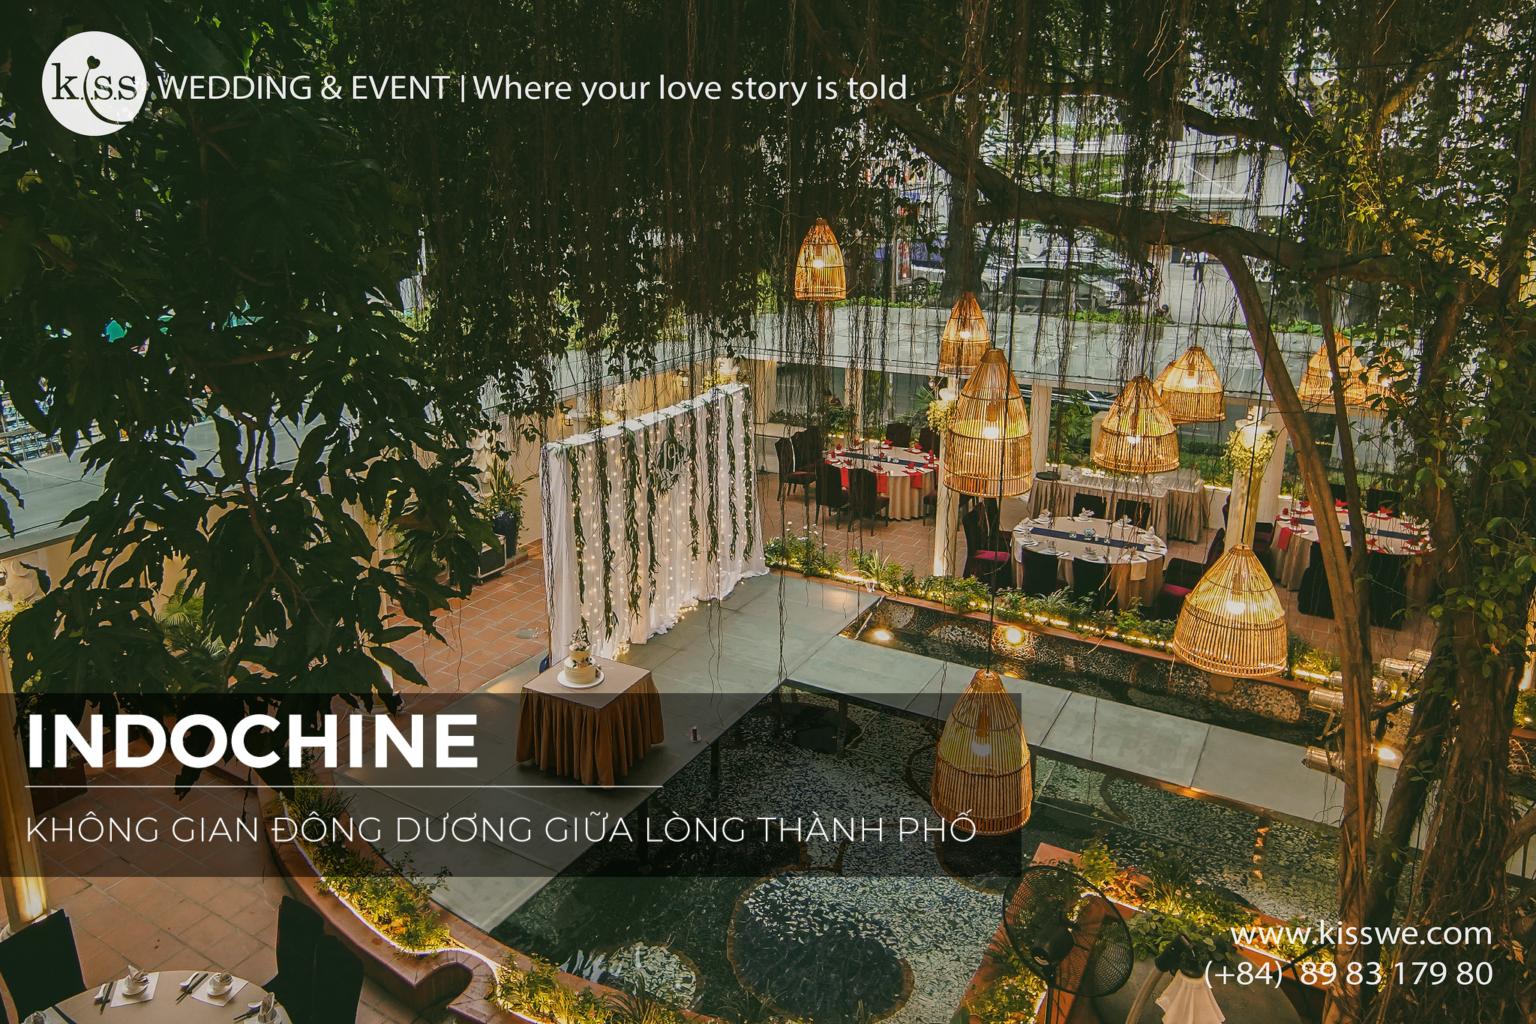 Kết quả hình ảnh cho Indochine Sài Gòn